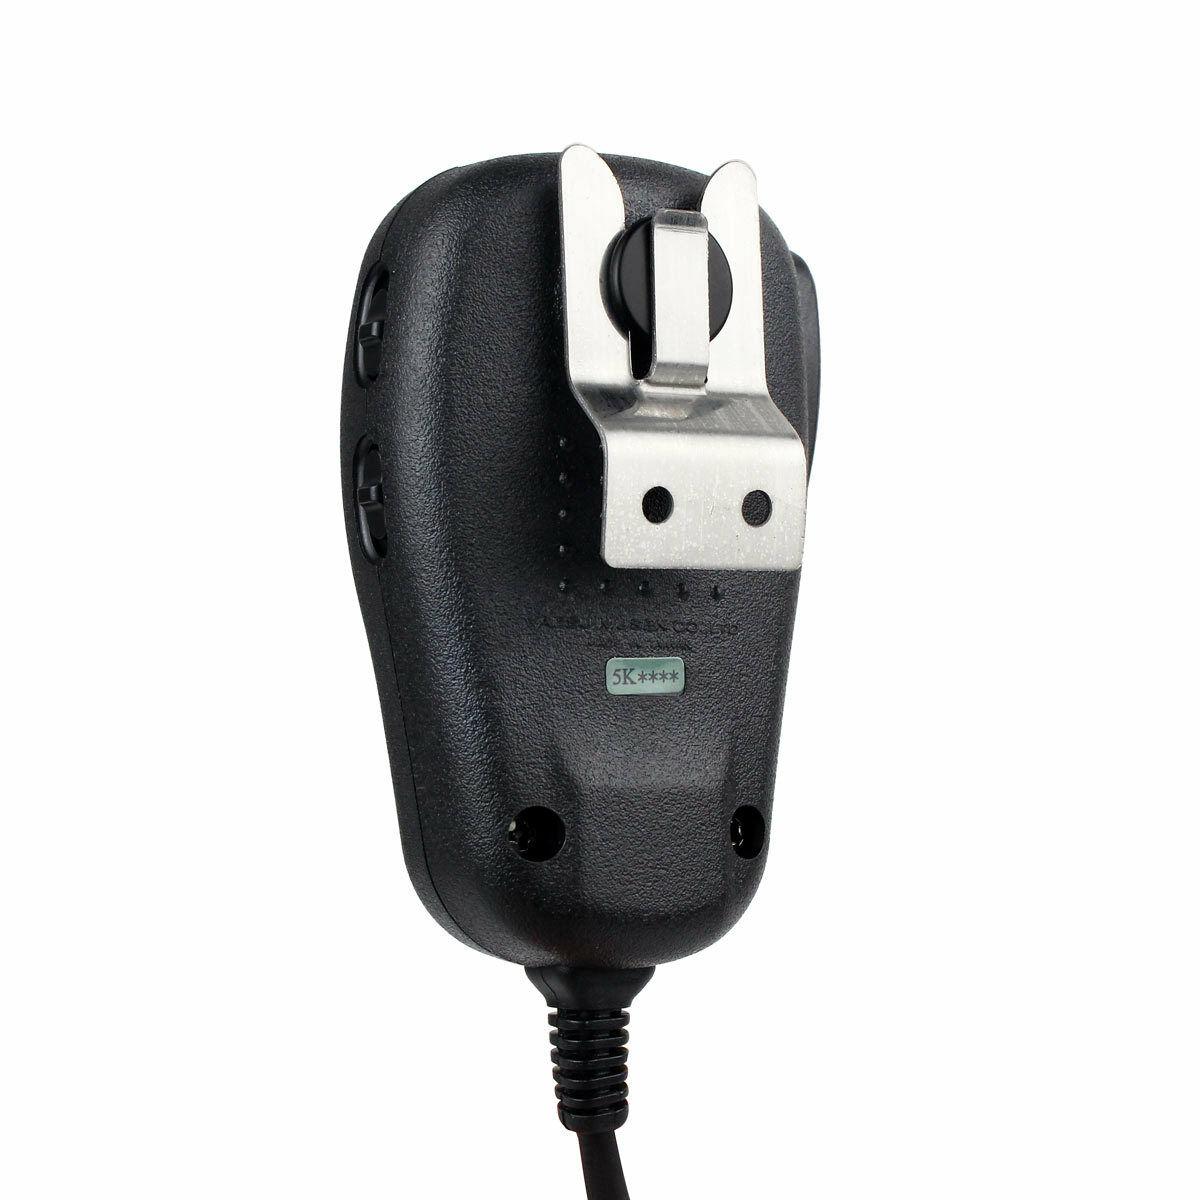 DTMF Haut-Parleur Pour YAESU MH-48 MH-48A6J DTMF Microphone Haut-Parleur pour FT-8800R FT-8900R FT-7900R FT-1807 FT-7800R FT-2900R FT-1900R